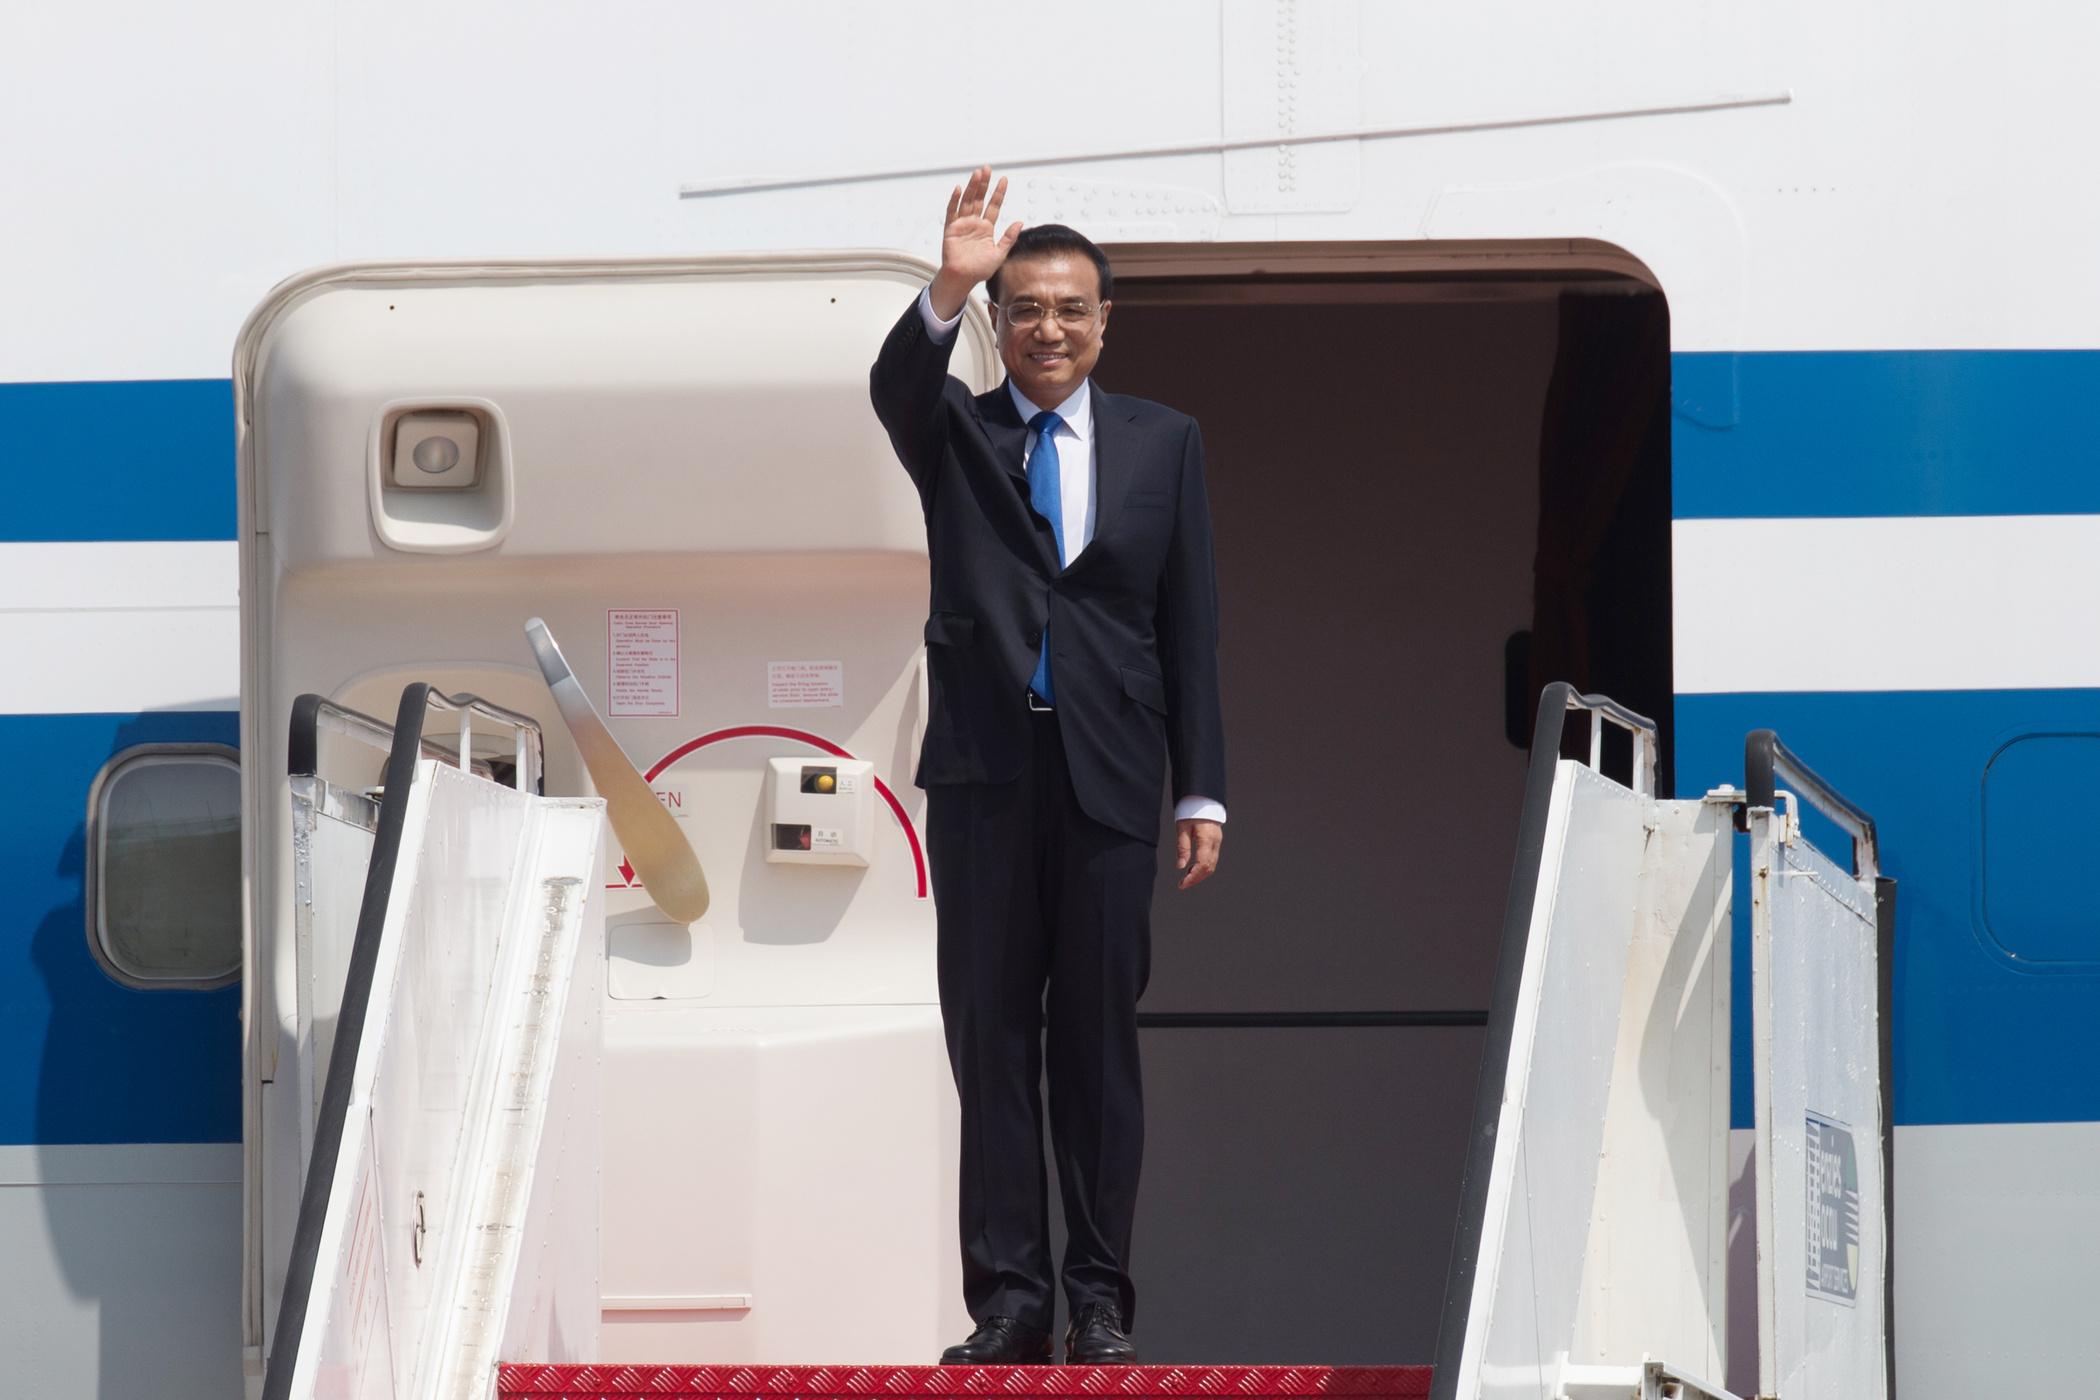 Encontro | Li Keqiang quer uma União Europeia unida, estável e próspera